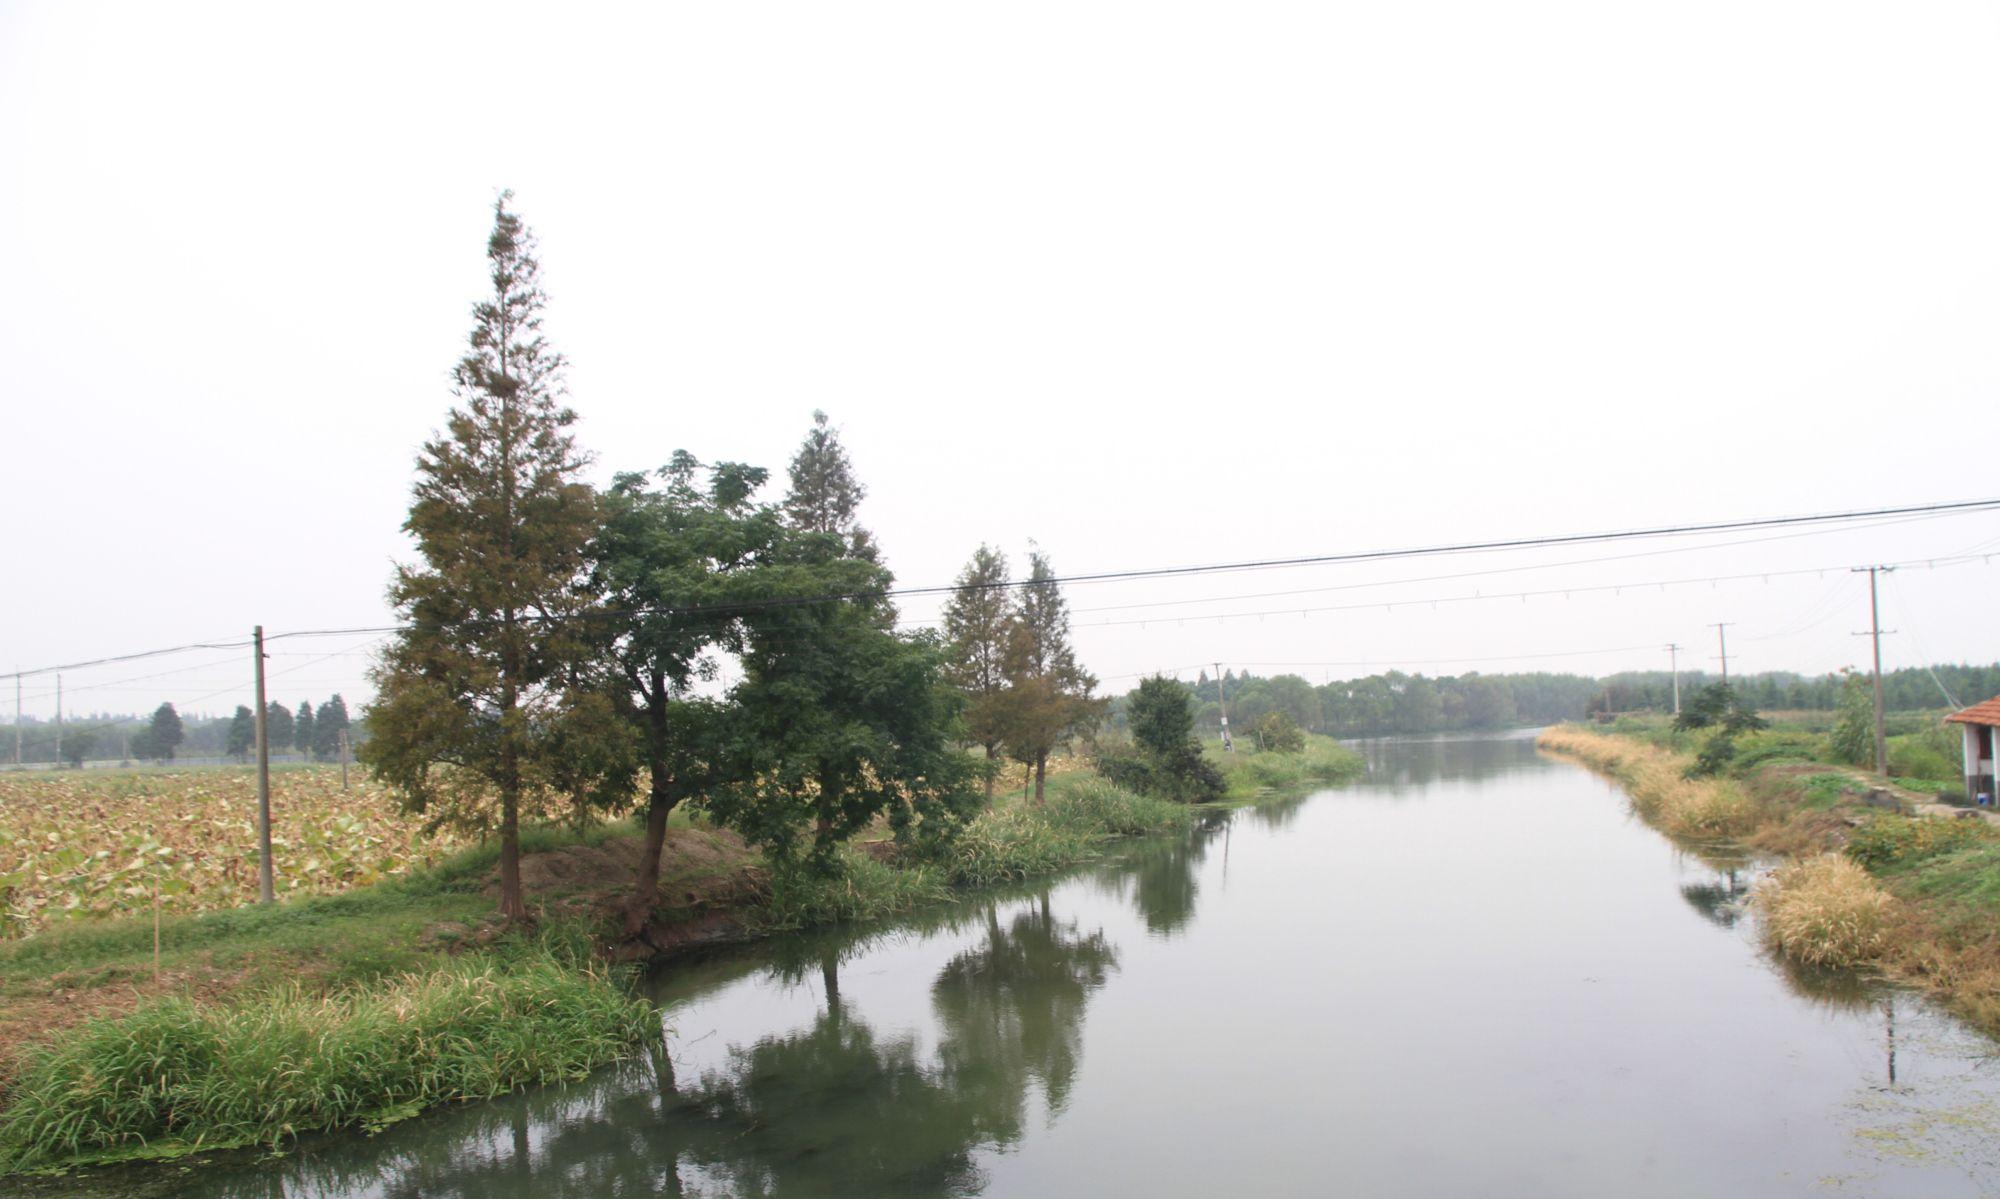 走在上海青西郊野公园内,乡野景观恰是人在一幅幅江南水墨画中行